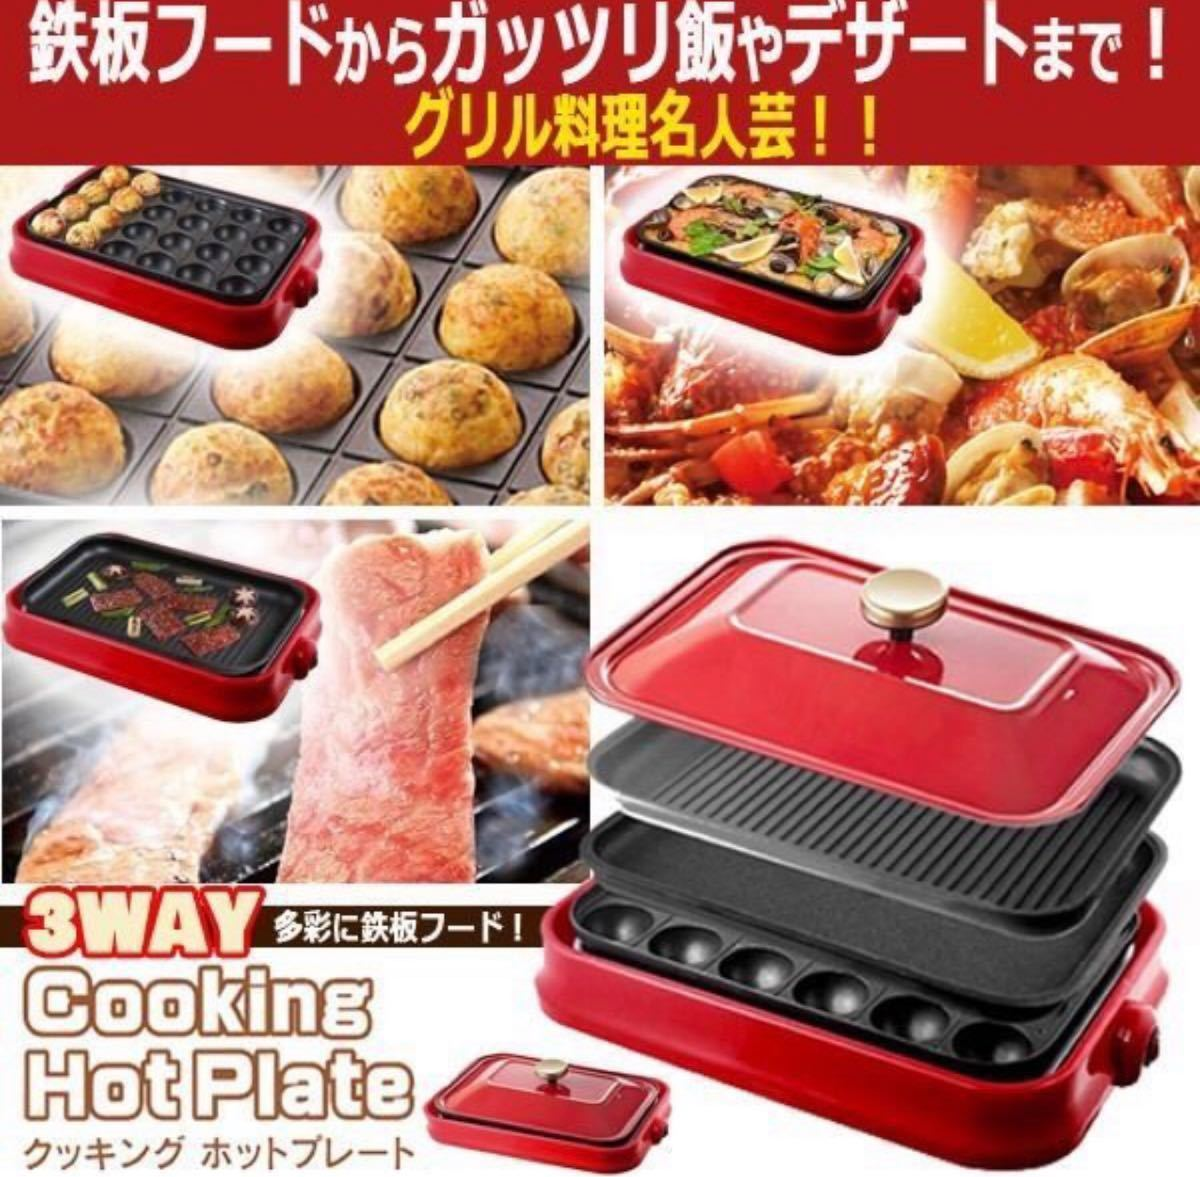 HOTPLATE 3wayホットプレート 焼き肉 鉄板 たこ焼き お好み焼き